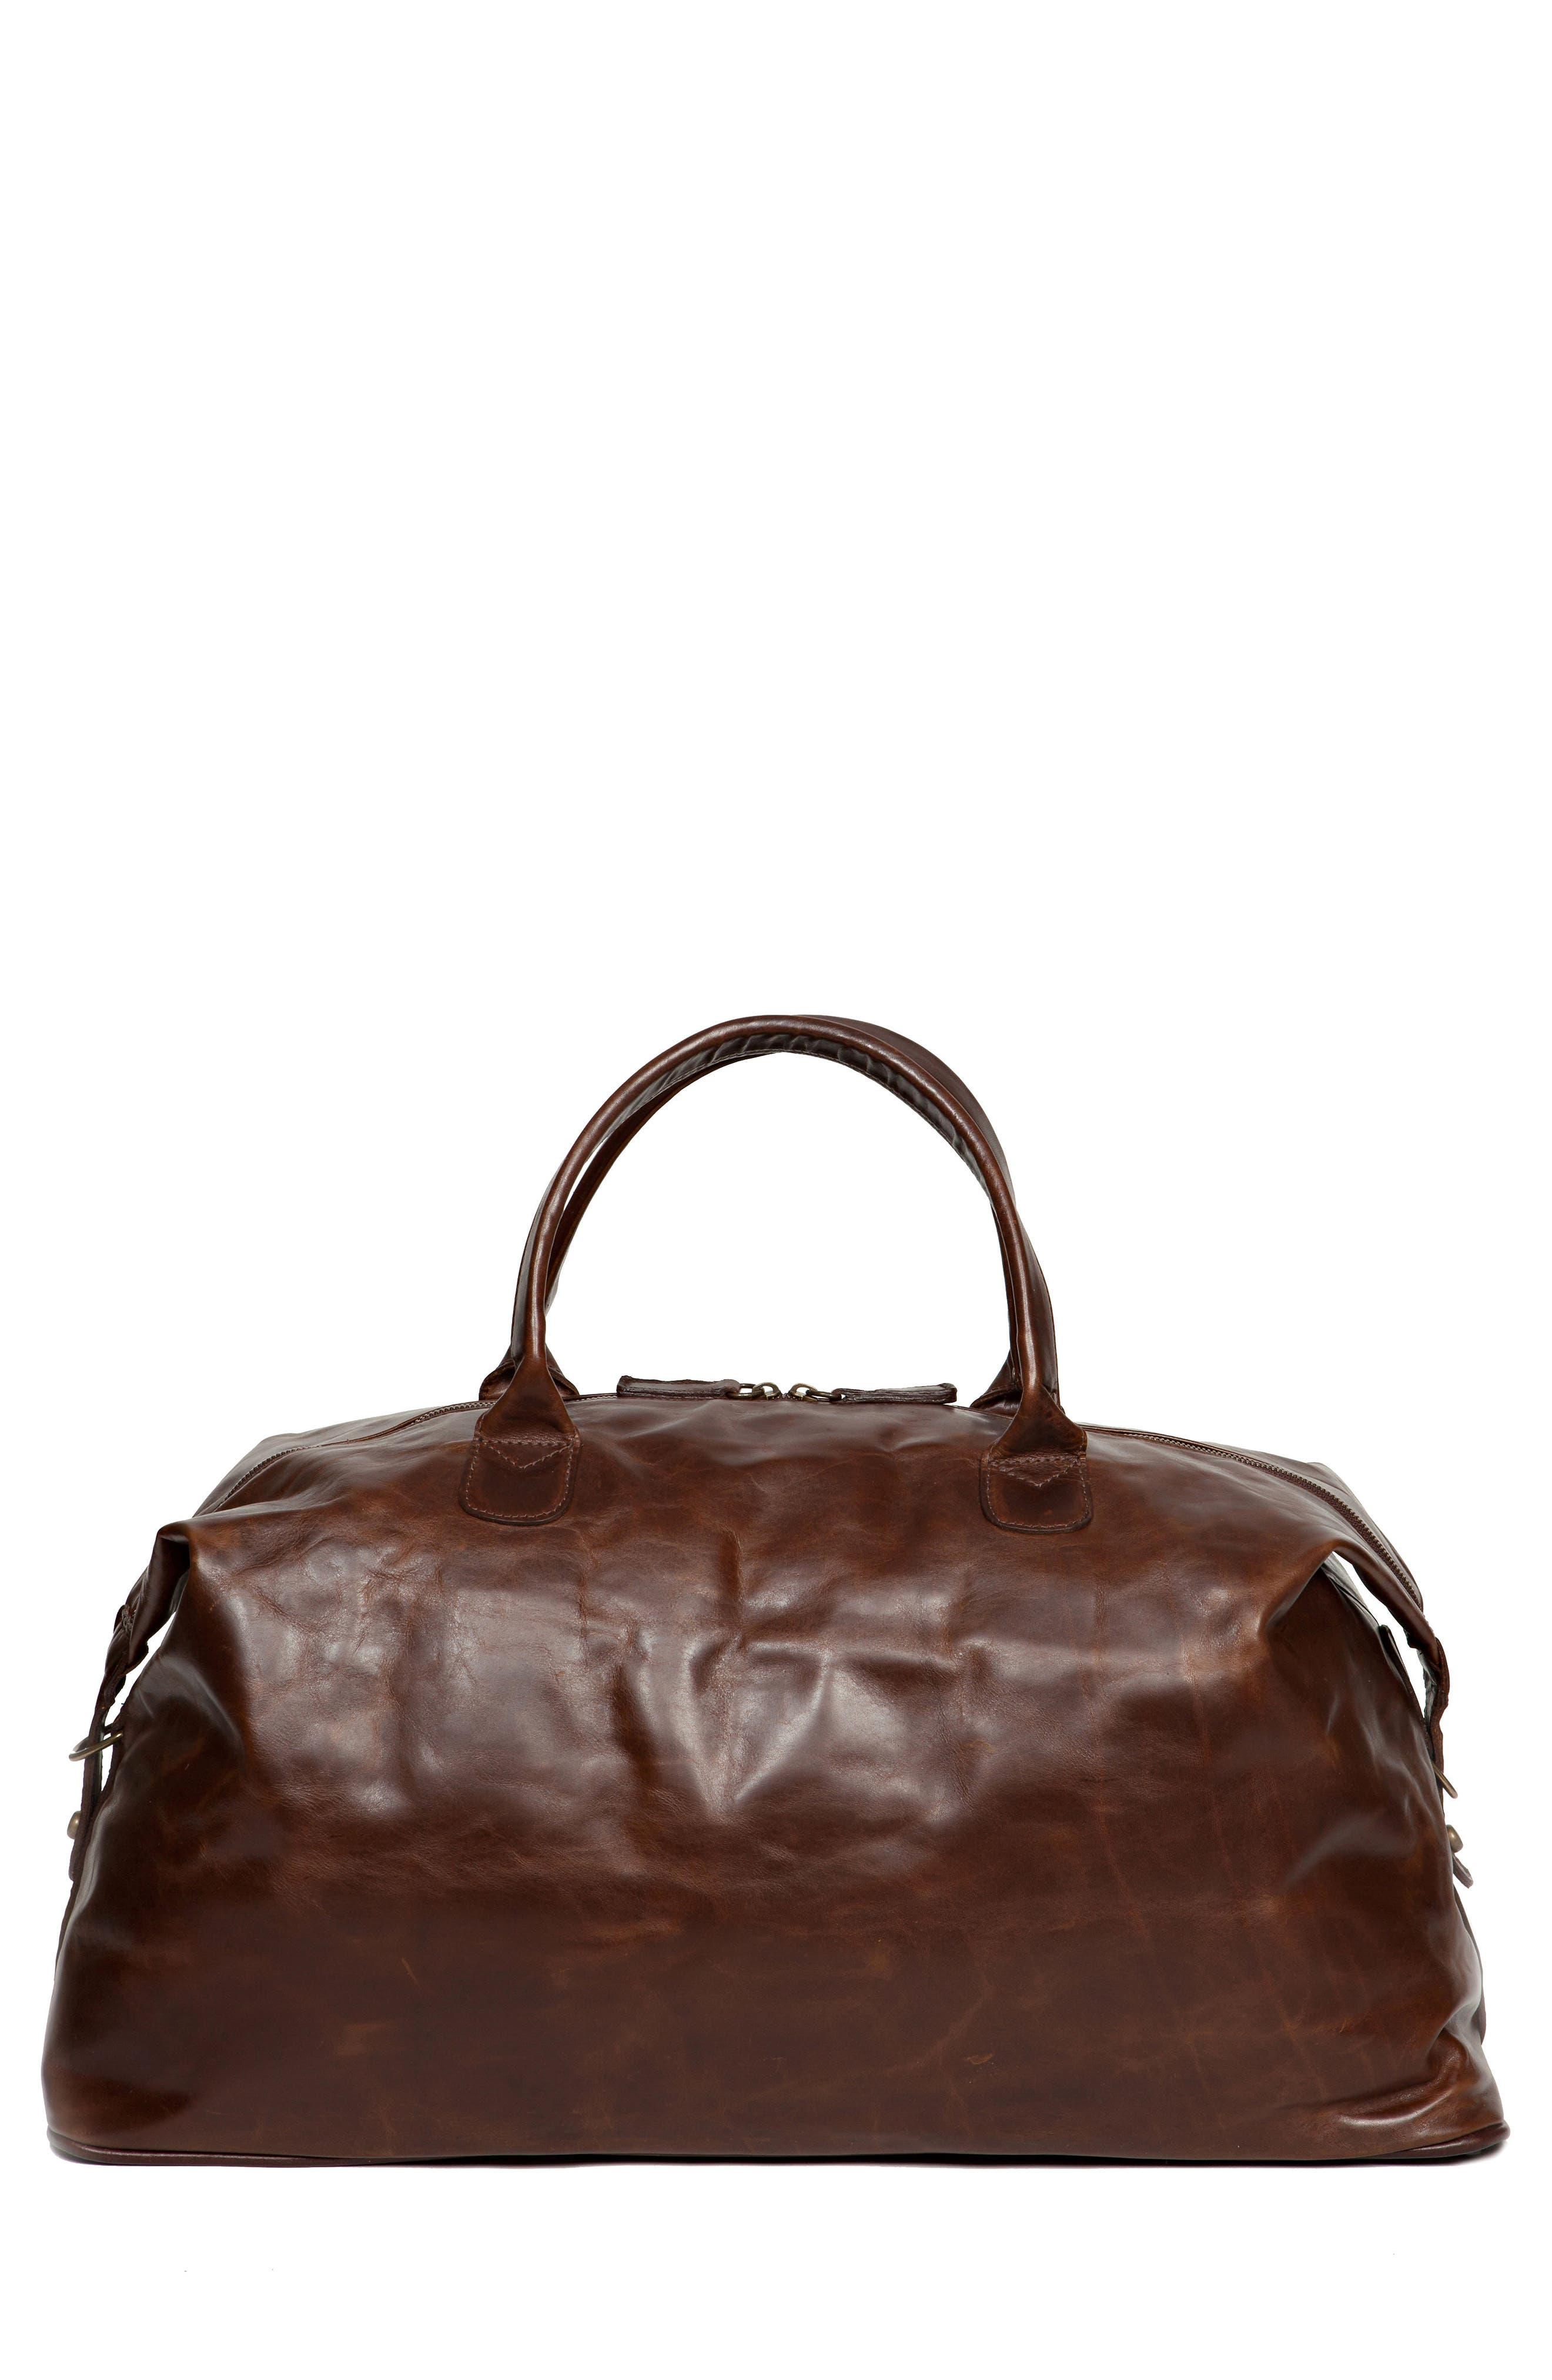 Benedict Leather Duffel Bag,                             Main thumbnail 1, color,                             BROMPTON BROWN